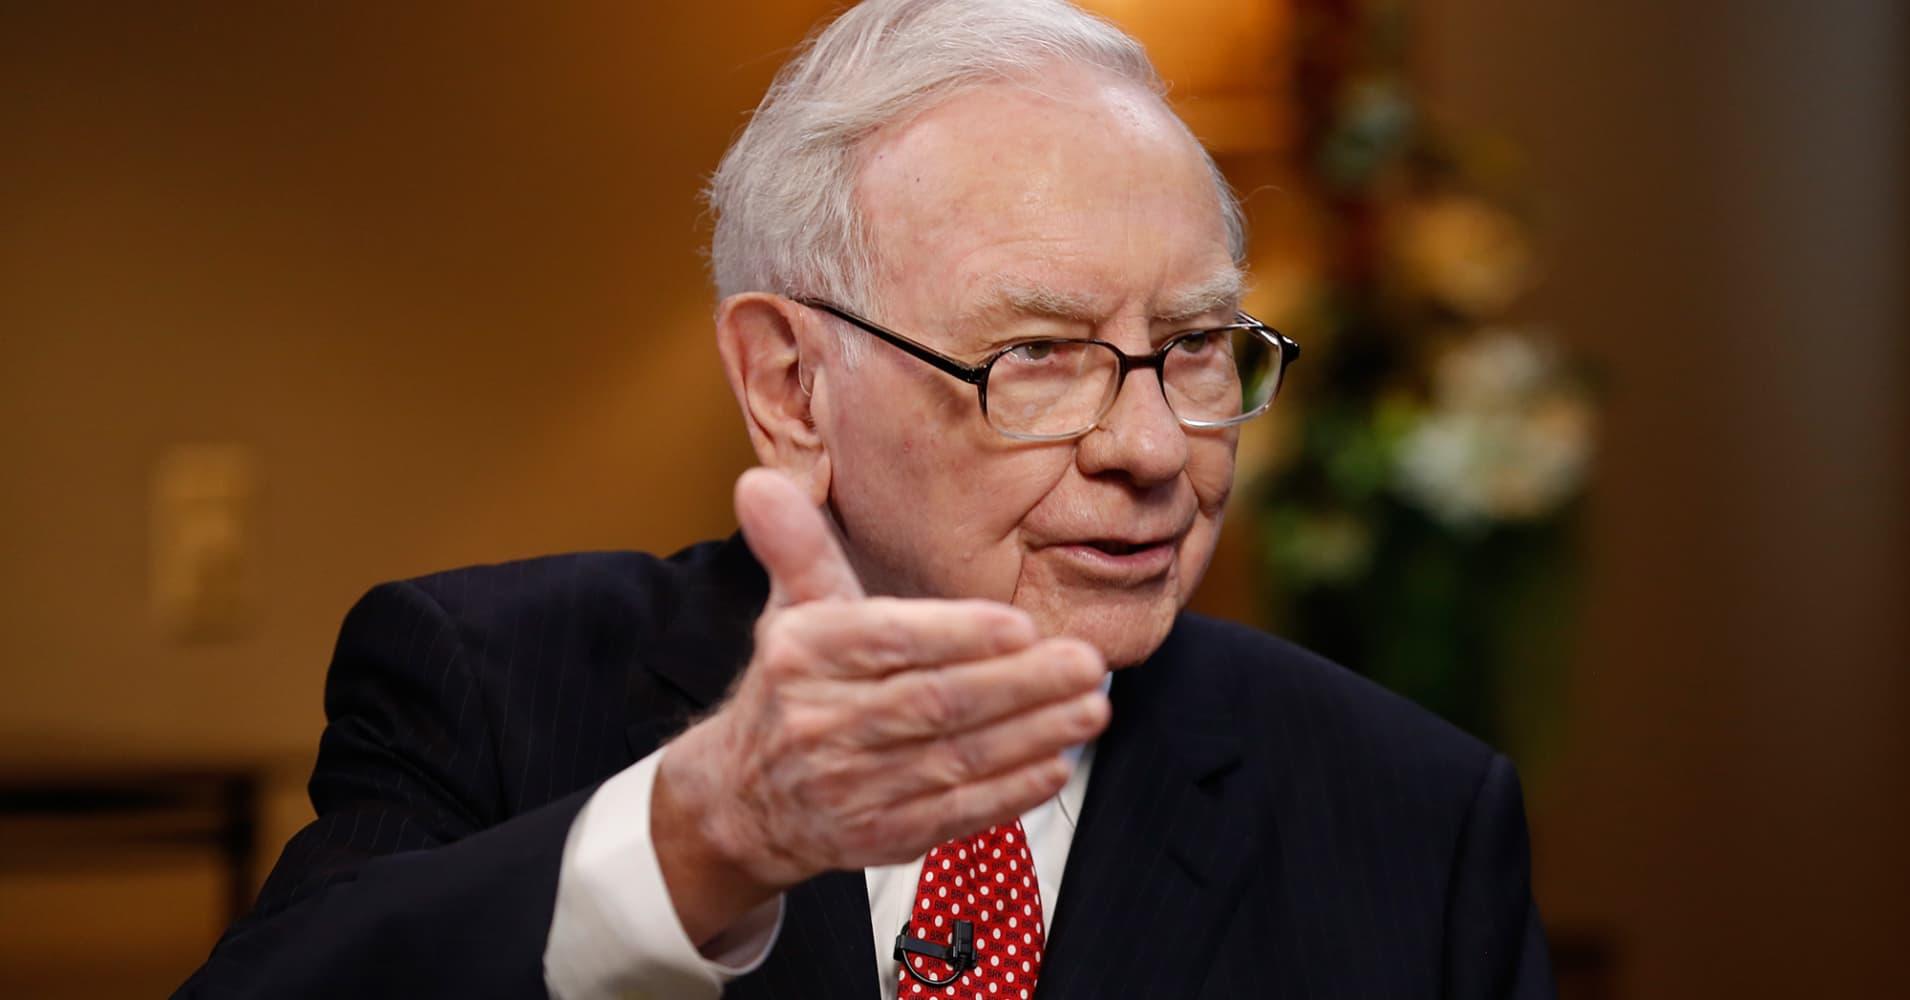 Warren Buffett, Chairman and CEO of Berkshire Hathaway - Os segredos financeiros que pessoas bem-sucedidas sabem